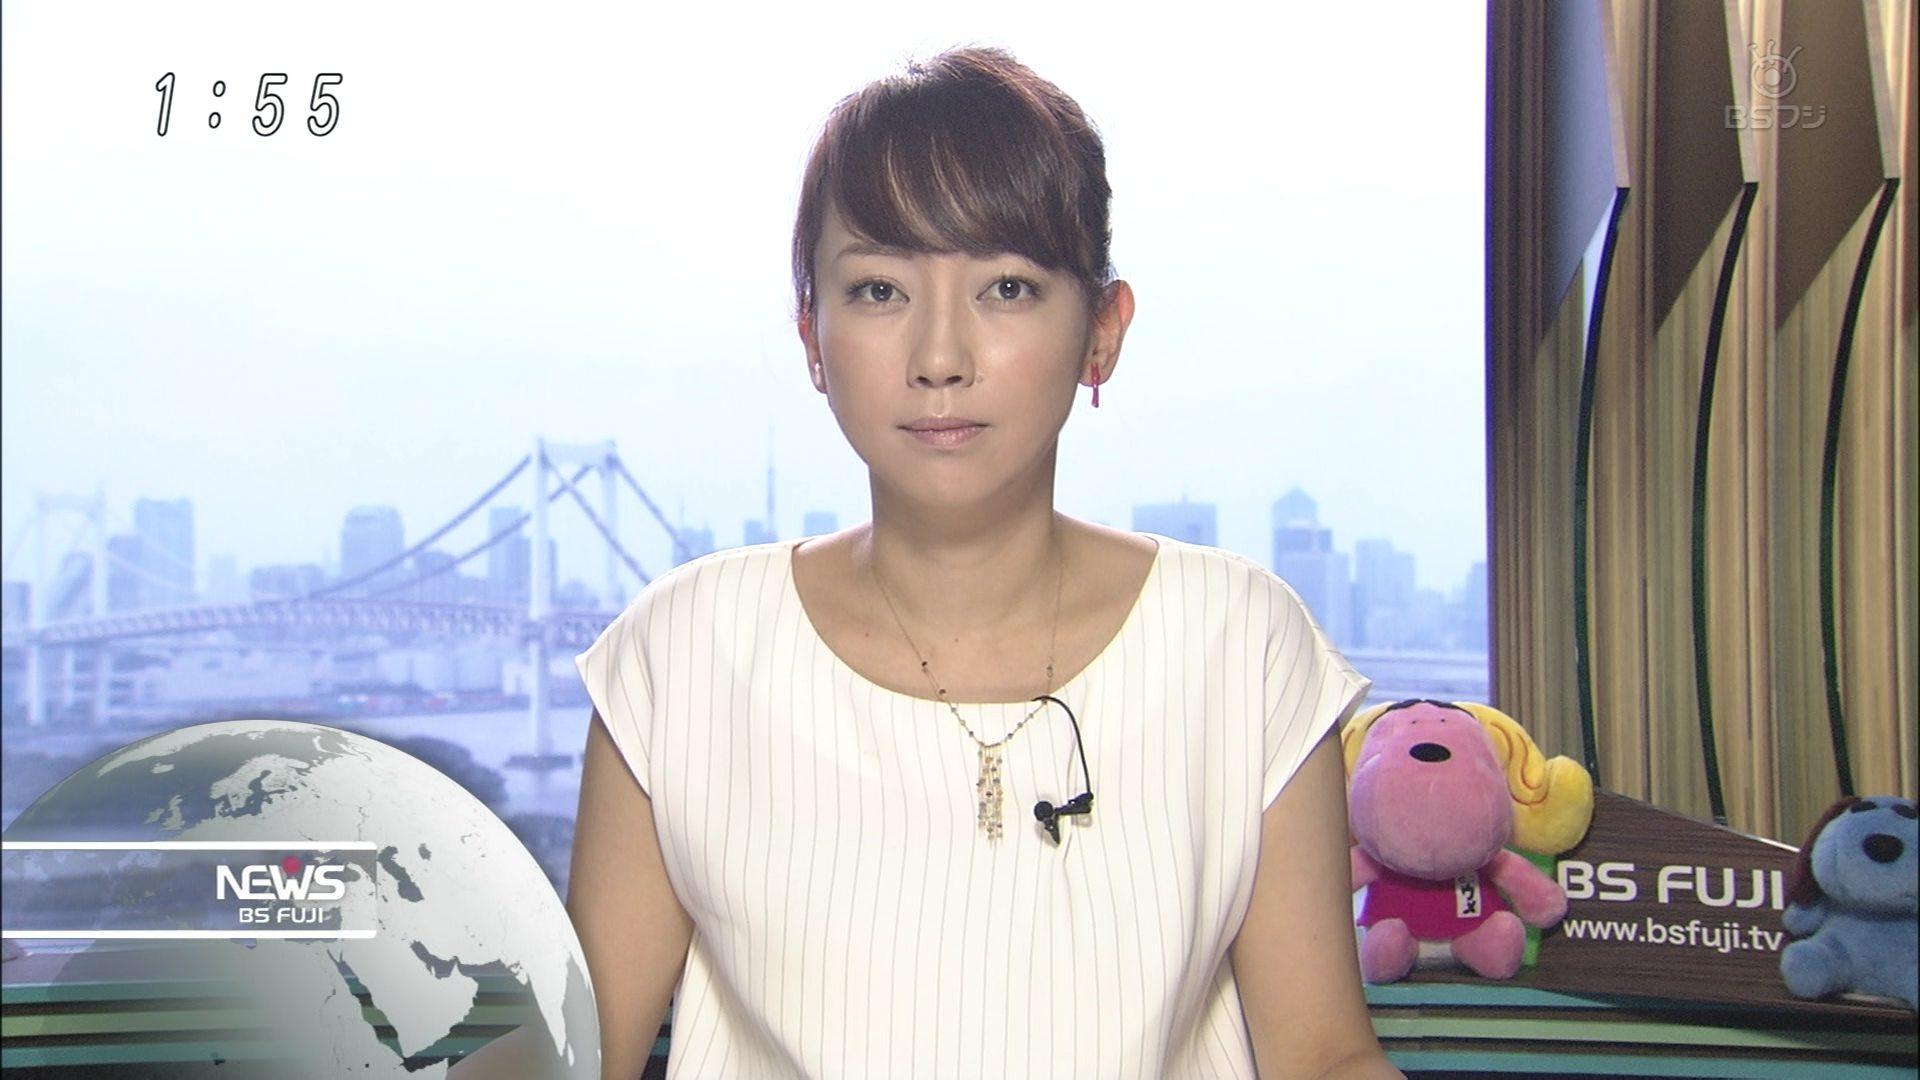 戸部洋子 BSフジニュース 0003